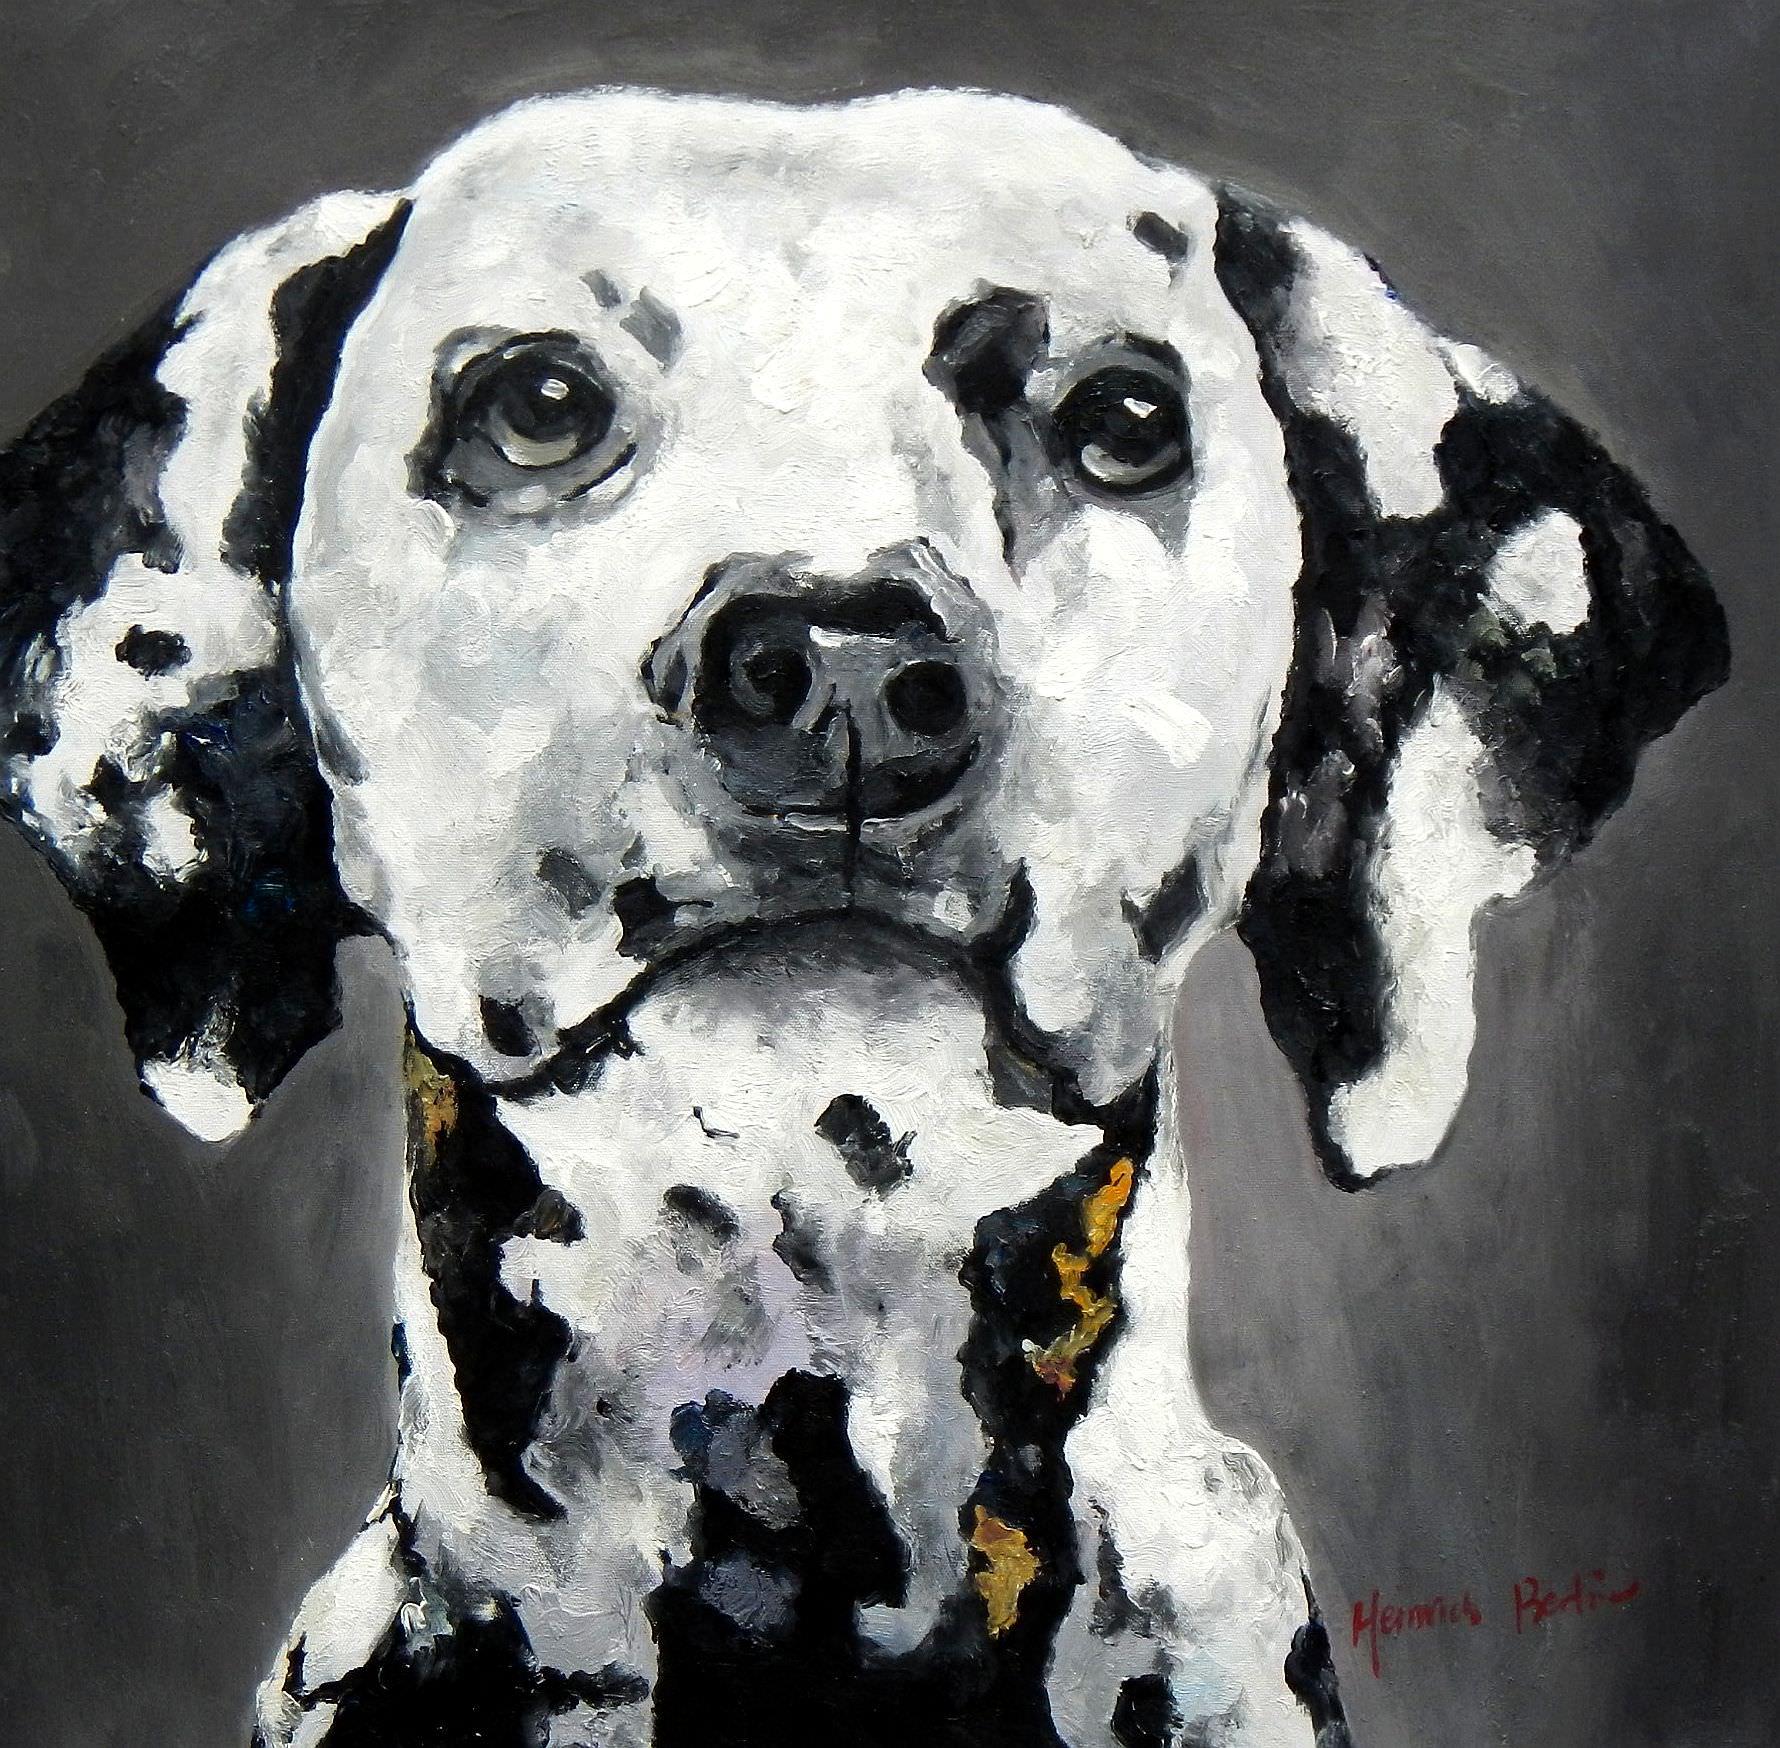 Modern Art - Dalmatiner e95787 60x60cm beeindruckendes Ölbild